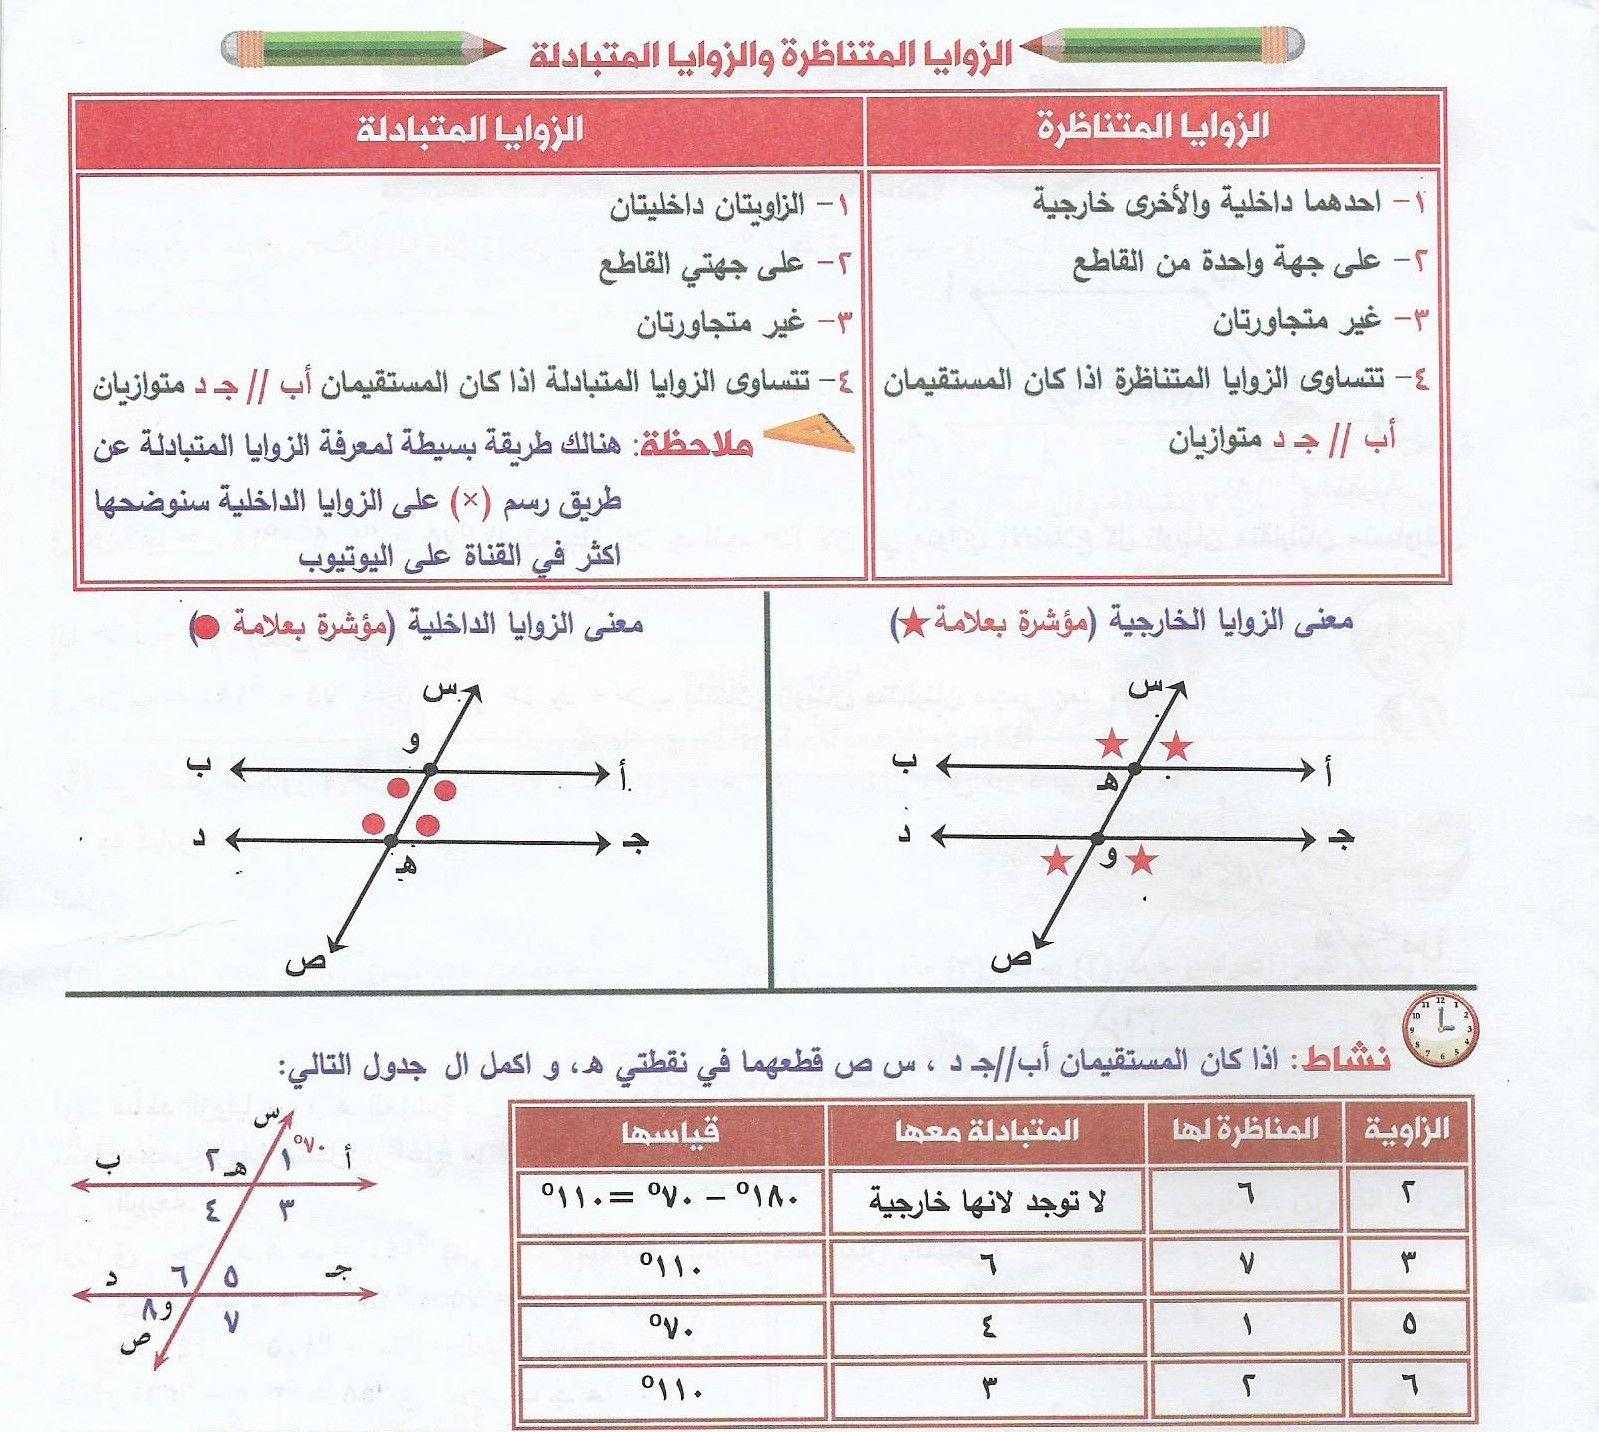 اوراق شرح الدرس الرابع رياضيات السادس الابتدائي الزوايا مع حل تمارين 3 2 ص40 حسب الحذف وتكييف التربية للعام الدراسي الجديد 2 Bullet Journal Chart Journal